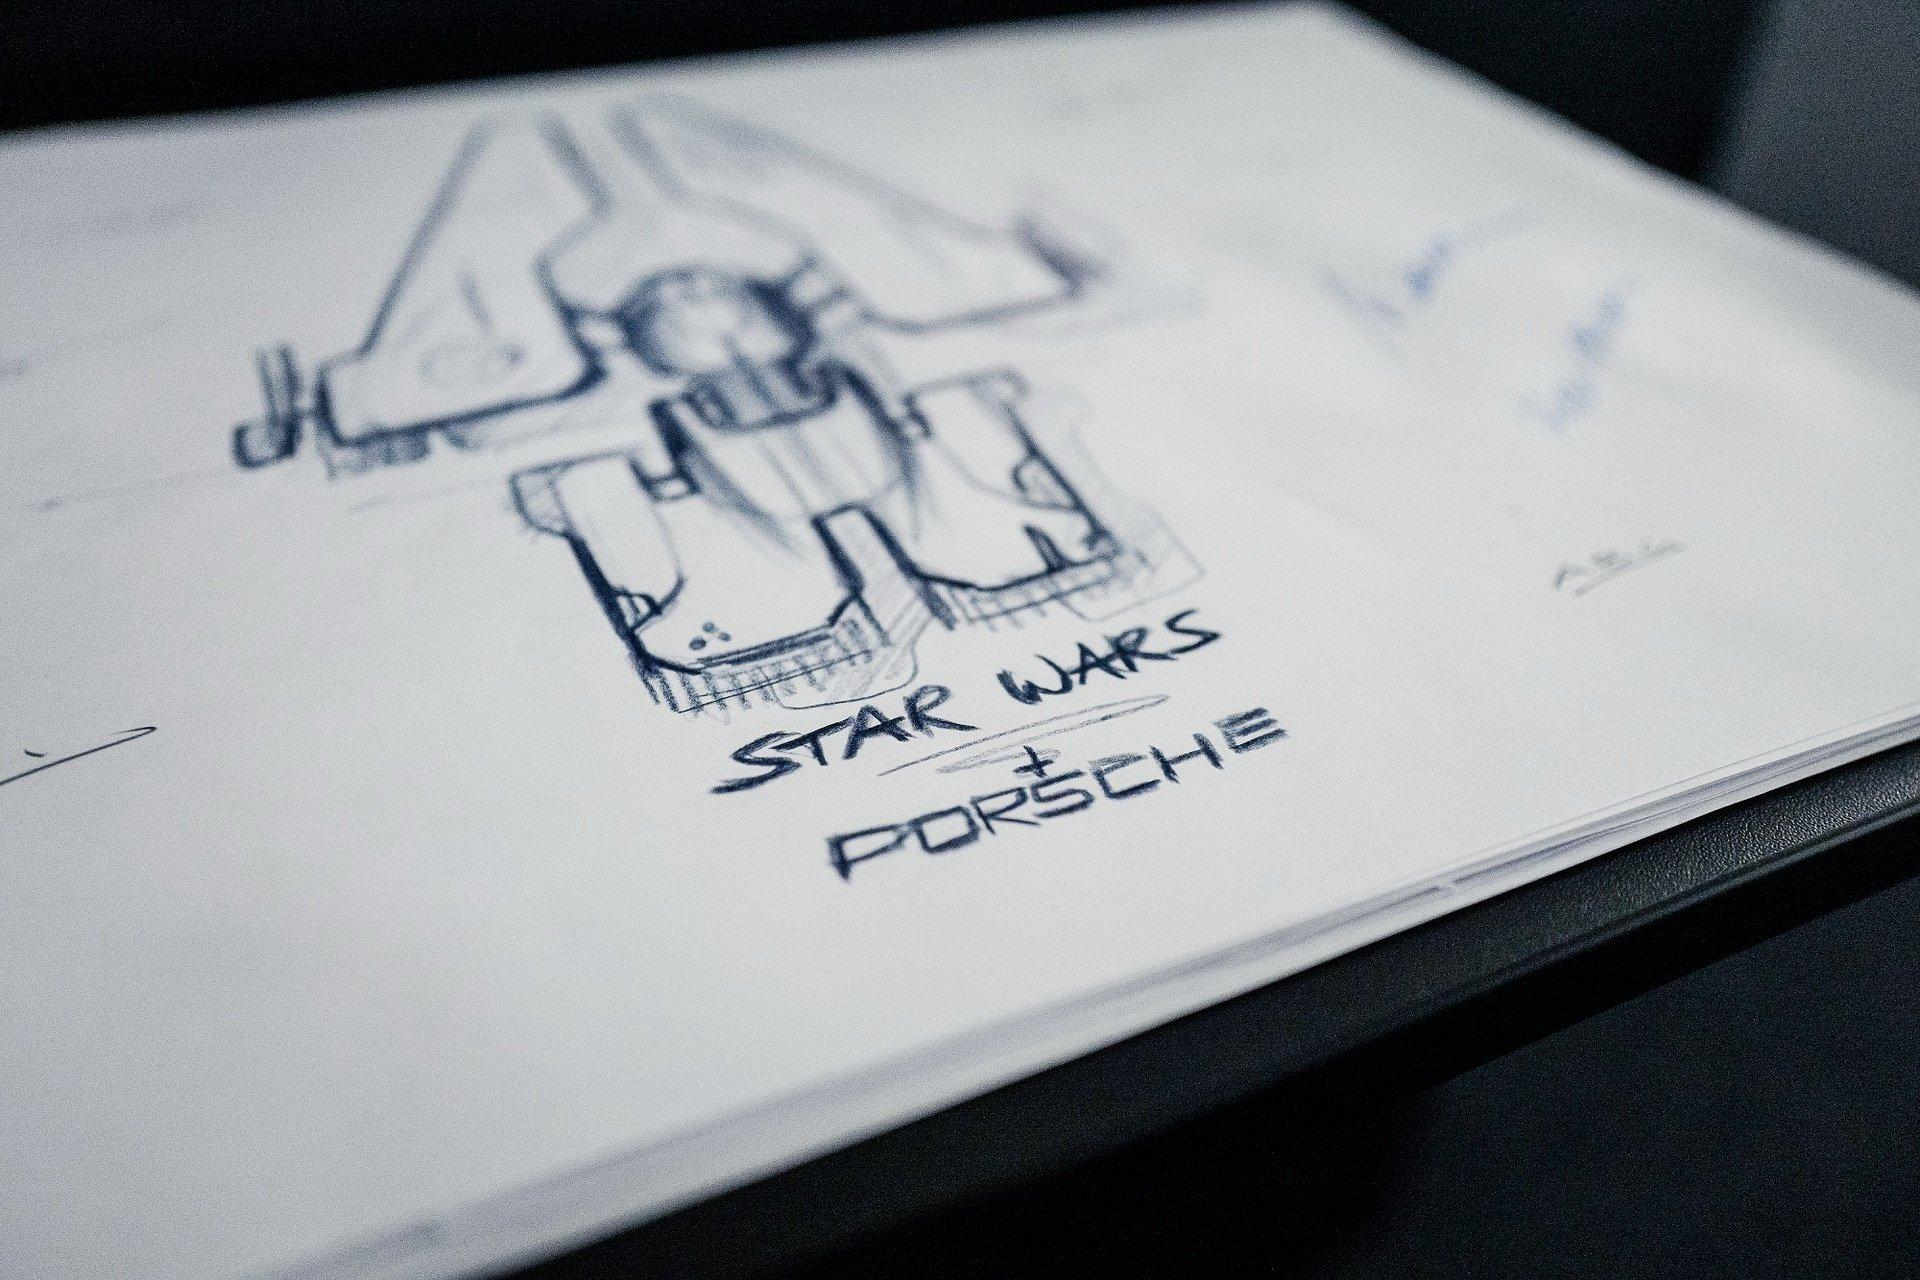 Porsche-And-Star-Wars-Spaceship-1